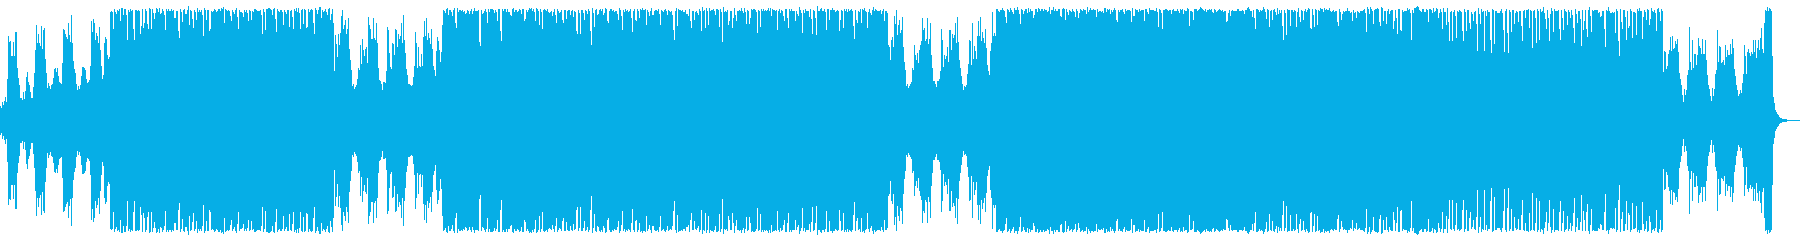 オーケストラとエレクトロニカの爽快ポップの再生済みの波形